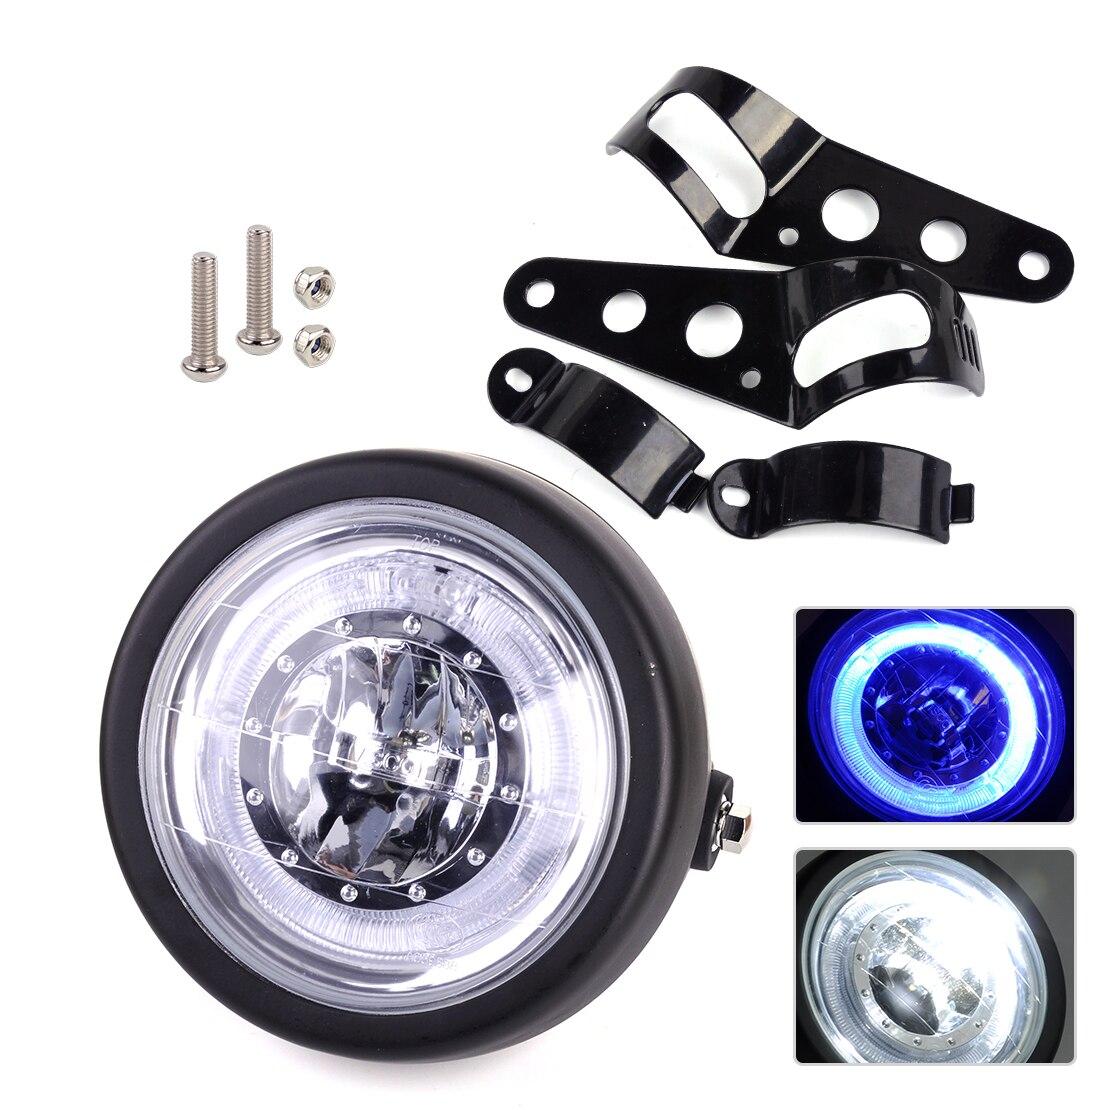 DWCX 12V LED Retro Headlight Lamp Vintage Round <font><b>Light</b></font> for Honda Motorcycle Chopper Cafe Racer Harley Bobber Chopper Dirt Bike